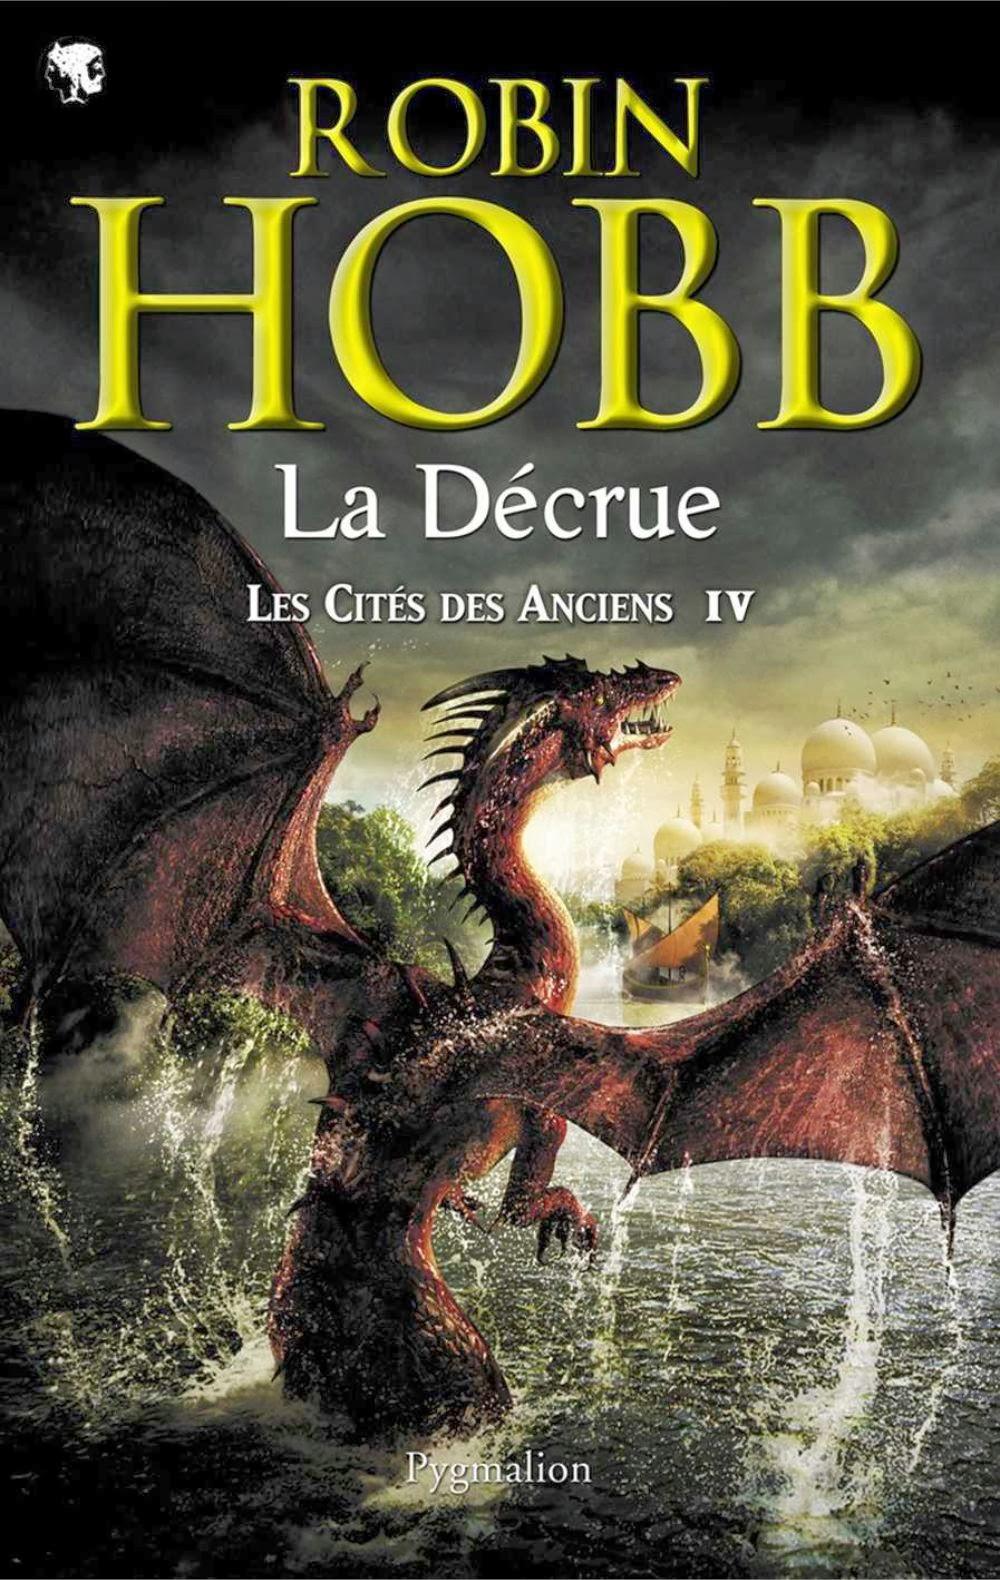 http://lecturesetcie.blogspot.com/2014/09/chronique-la-decrue-les-cites-des.html